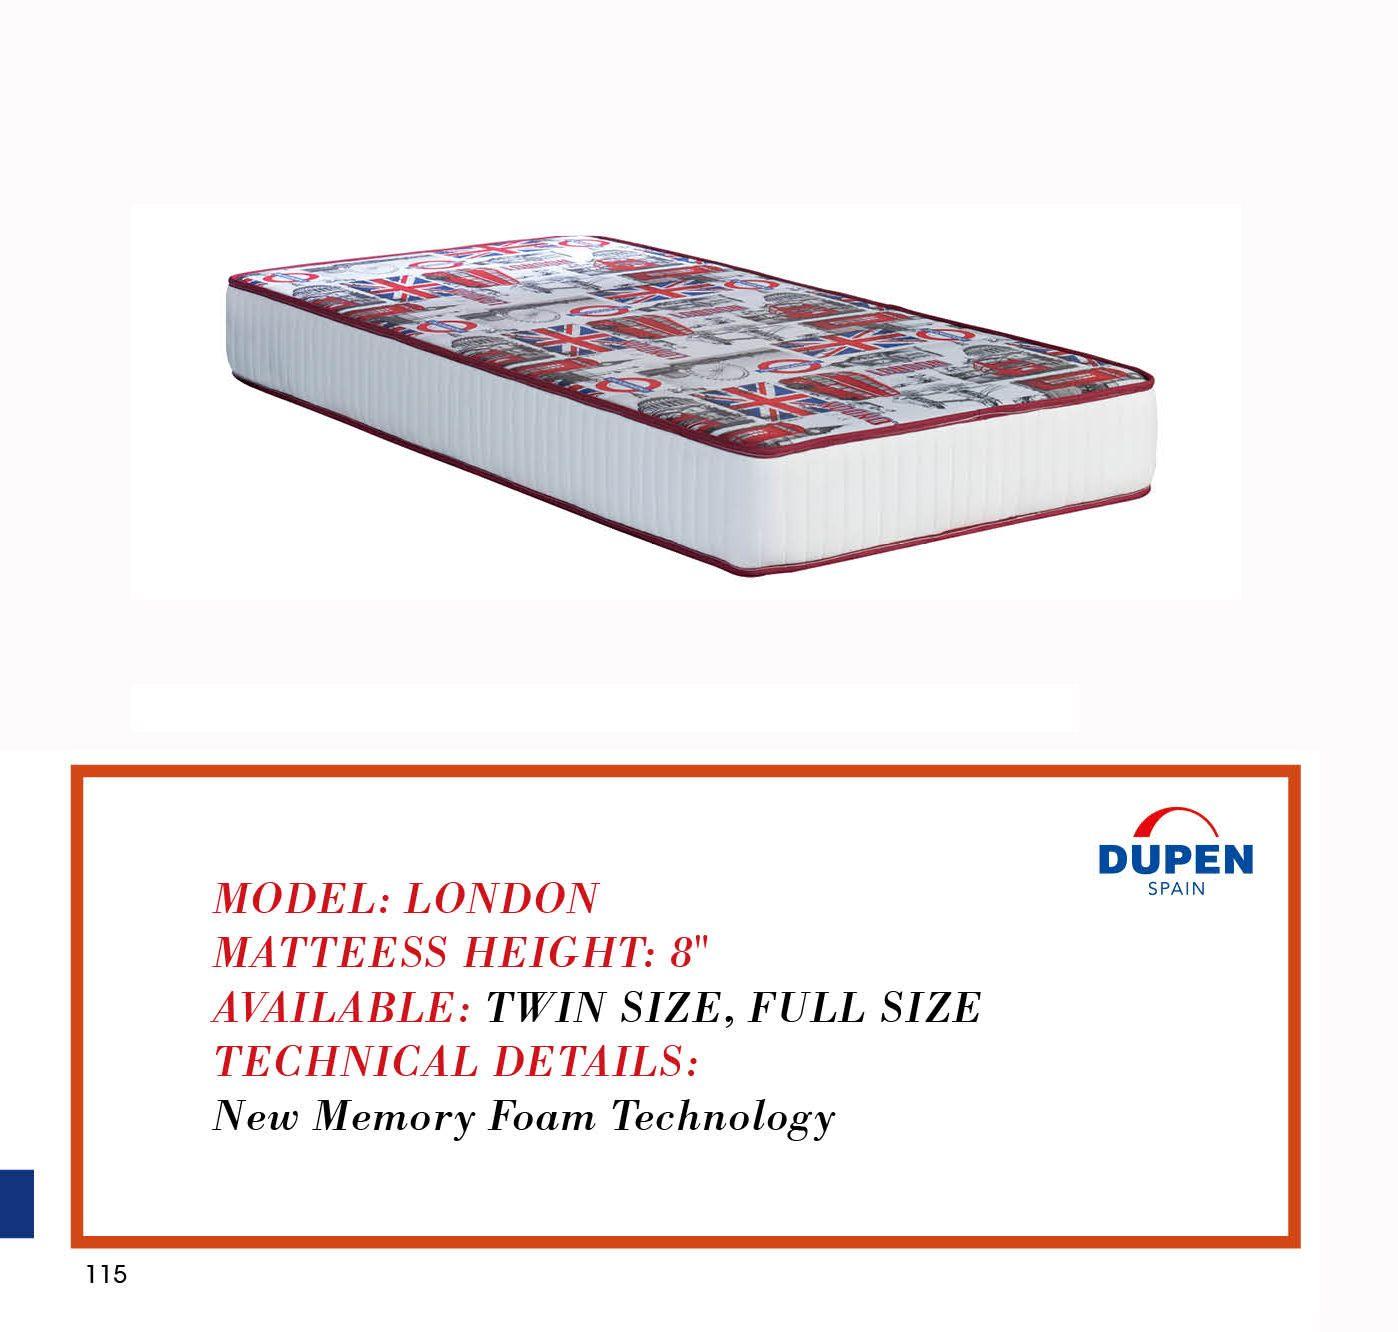 london memory foam mattress by dupen spain furnituregallerynyc